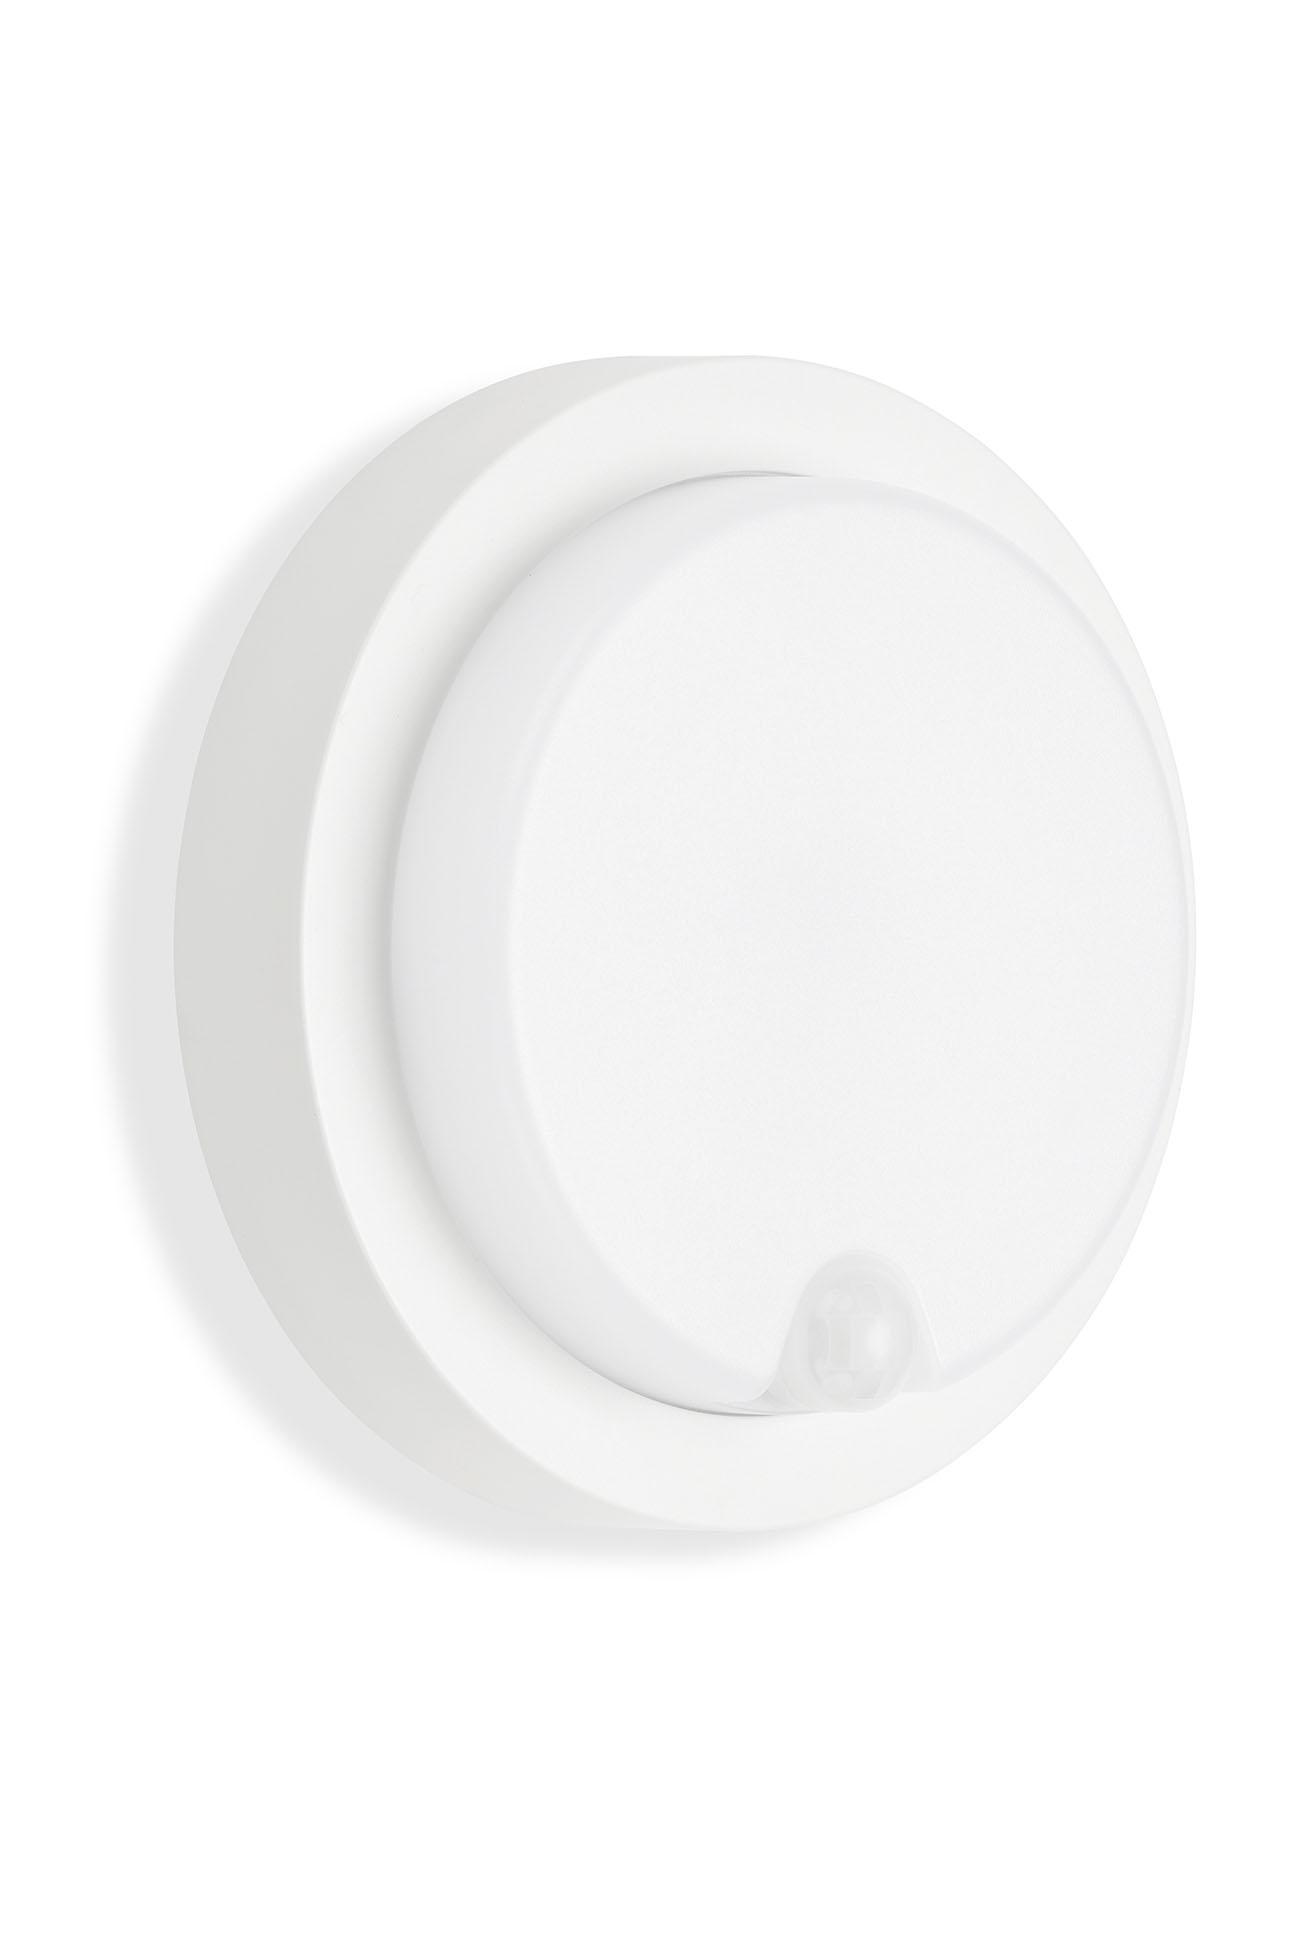 TELEFUNKEN LED Sensor Außenwandleuchte, Ø 17 cm, 12 W, Weiß